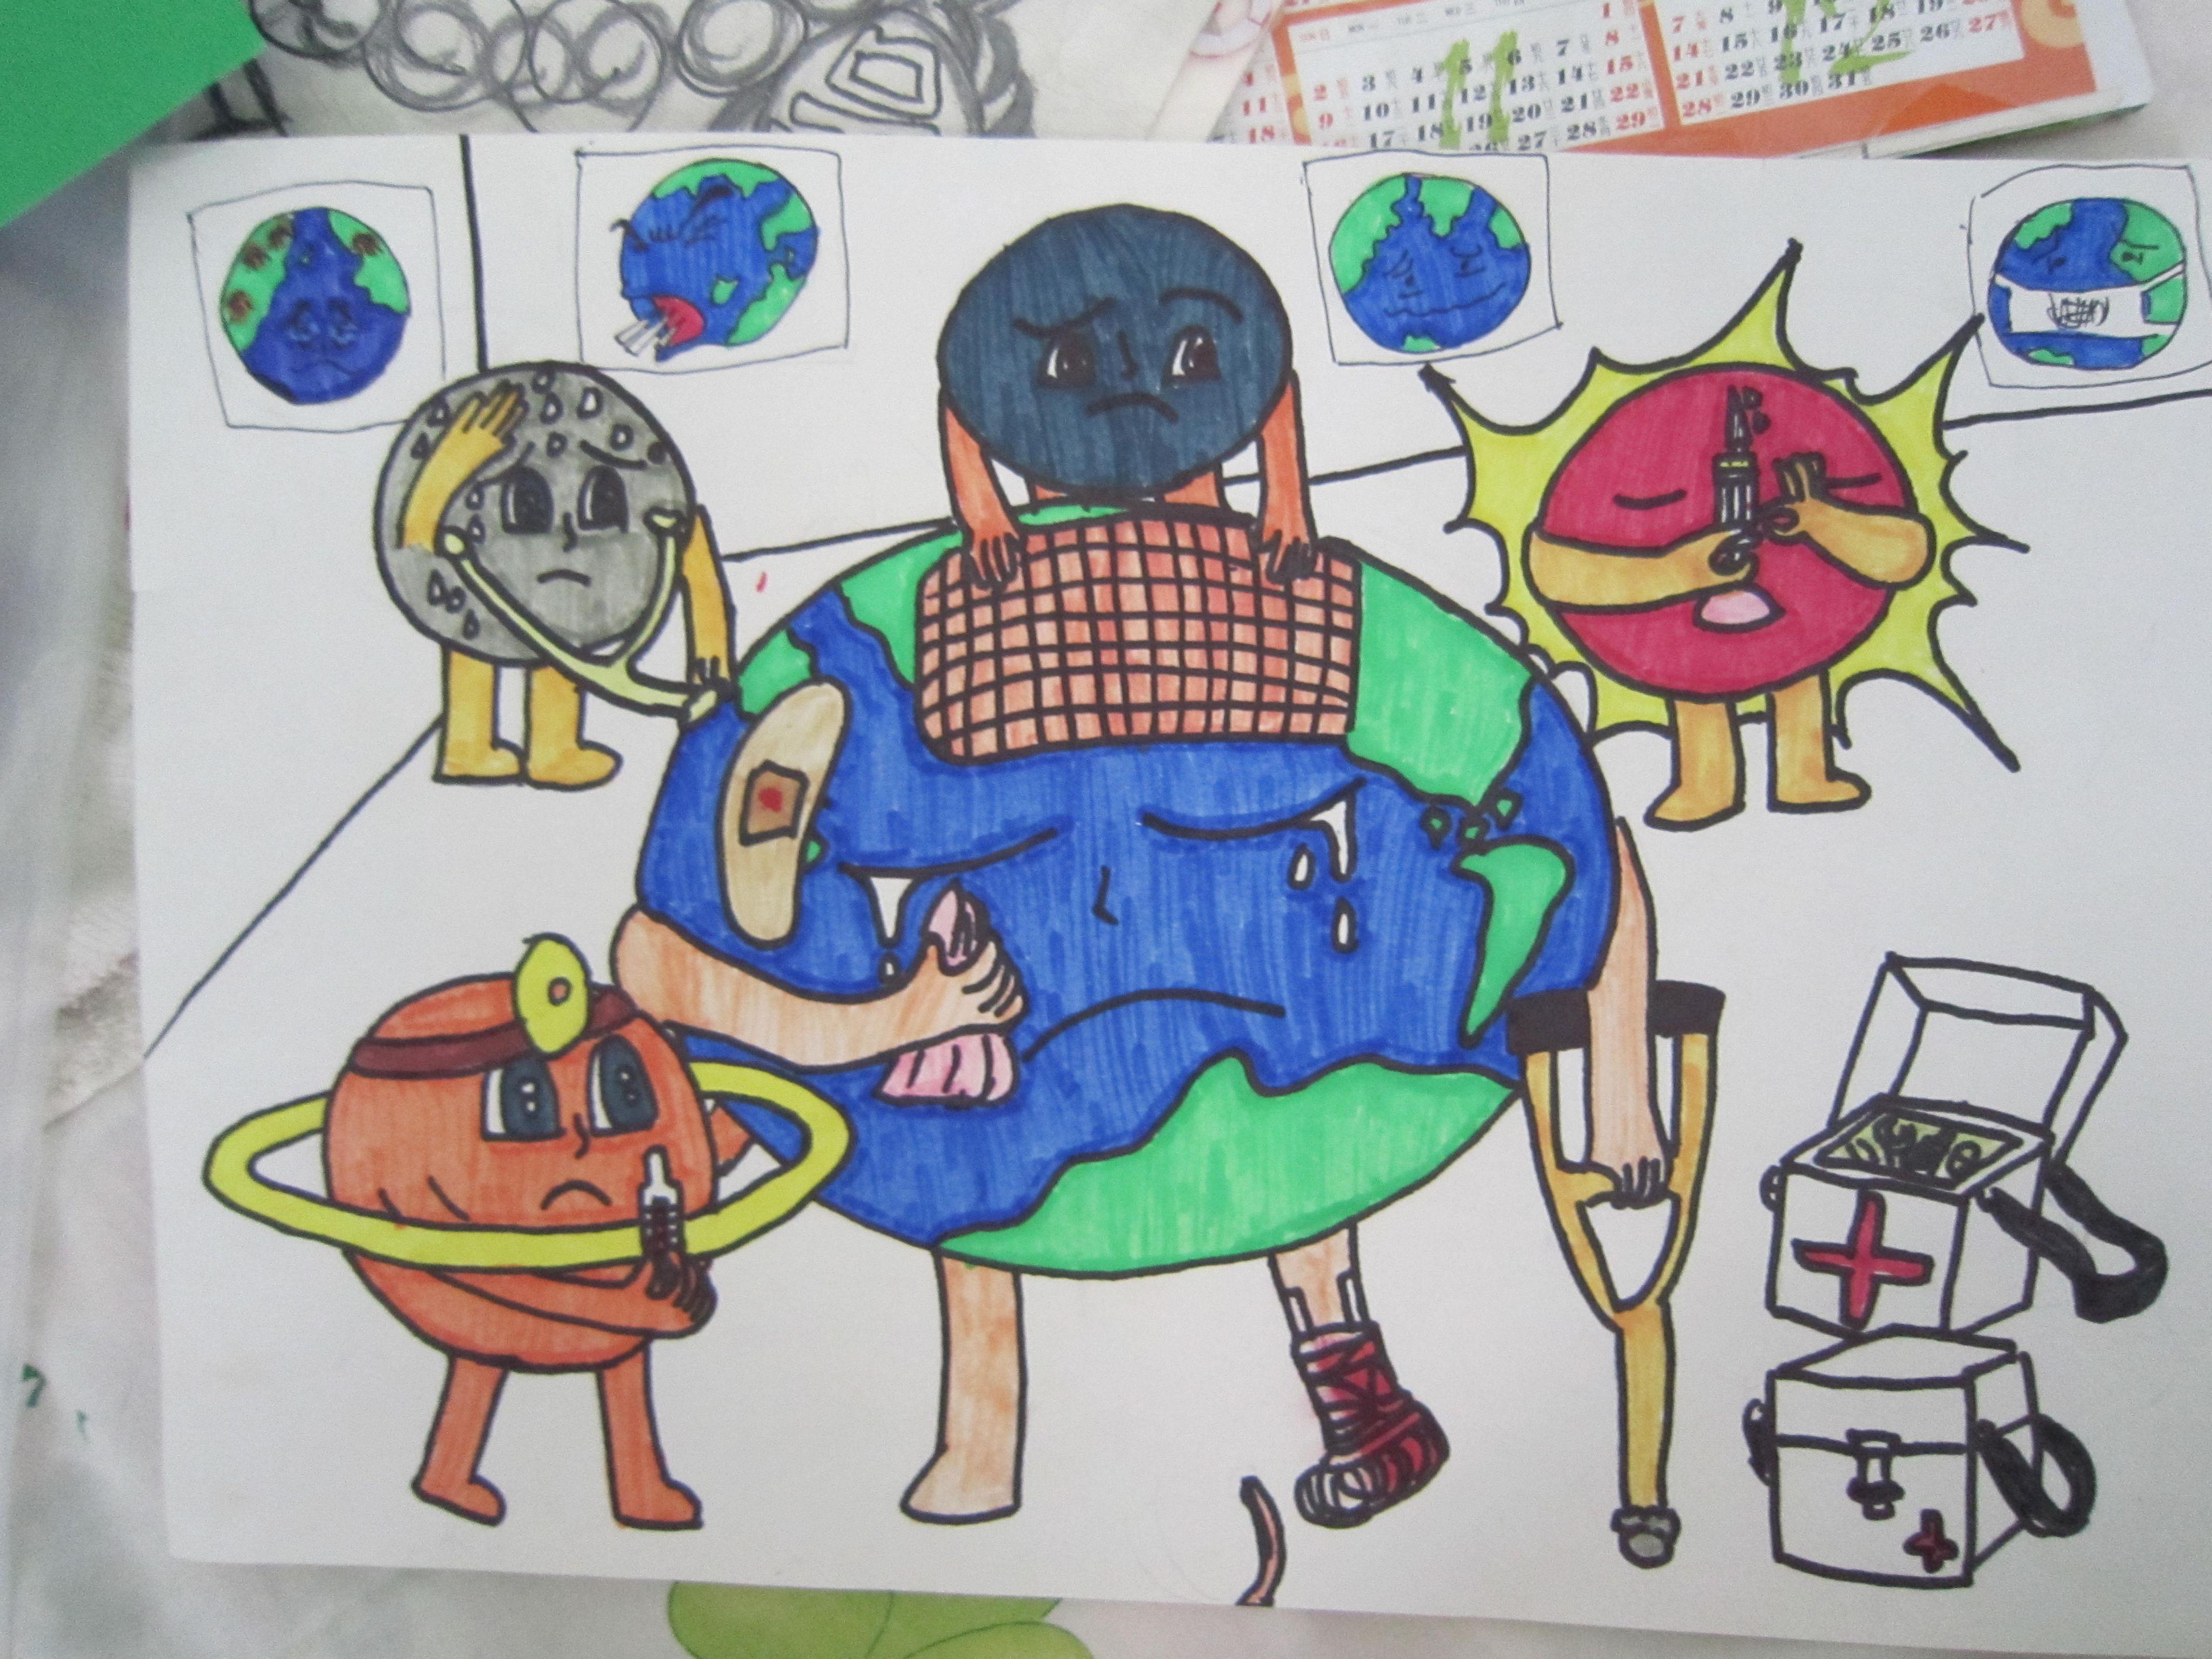 求一份关于环保的海报,要求手绘的.